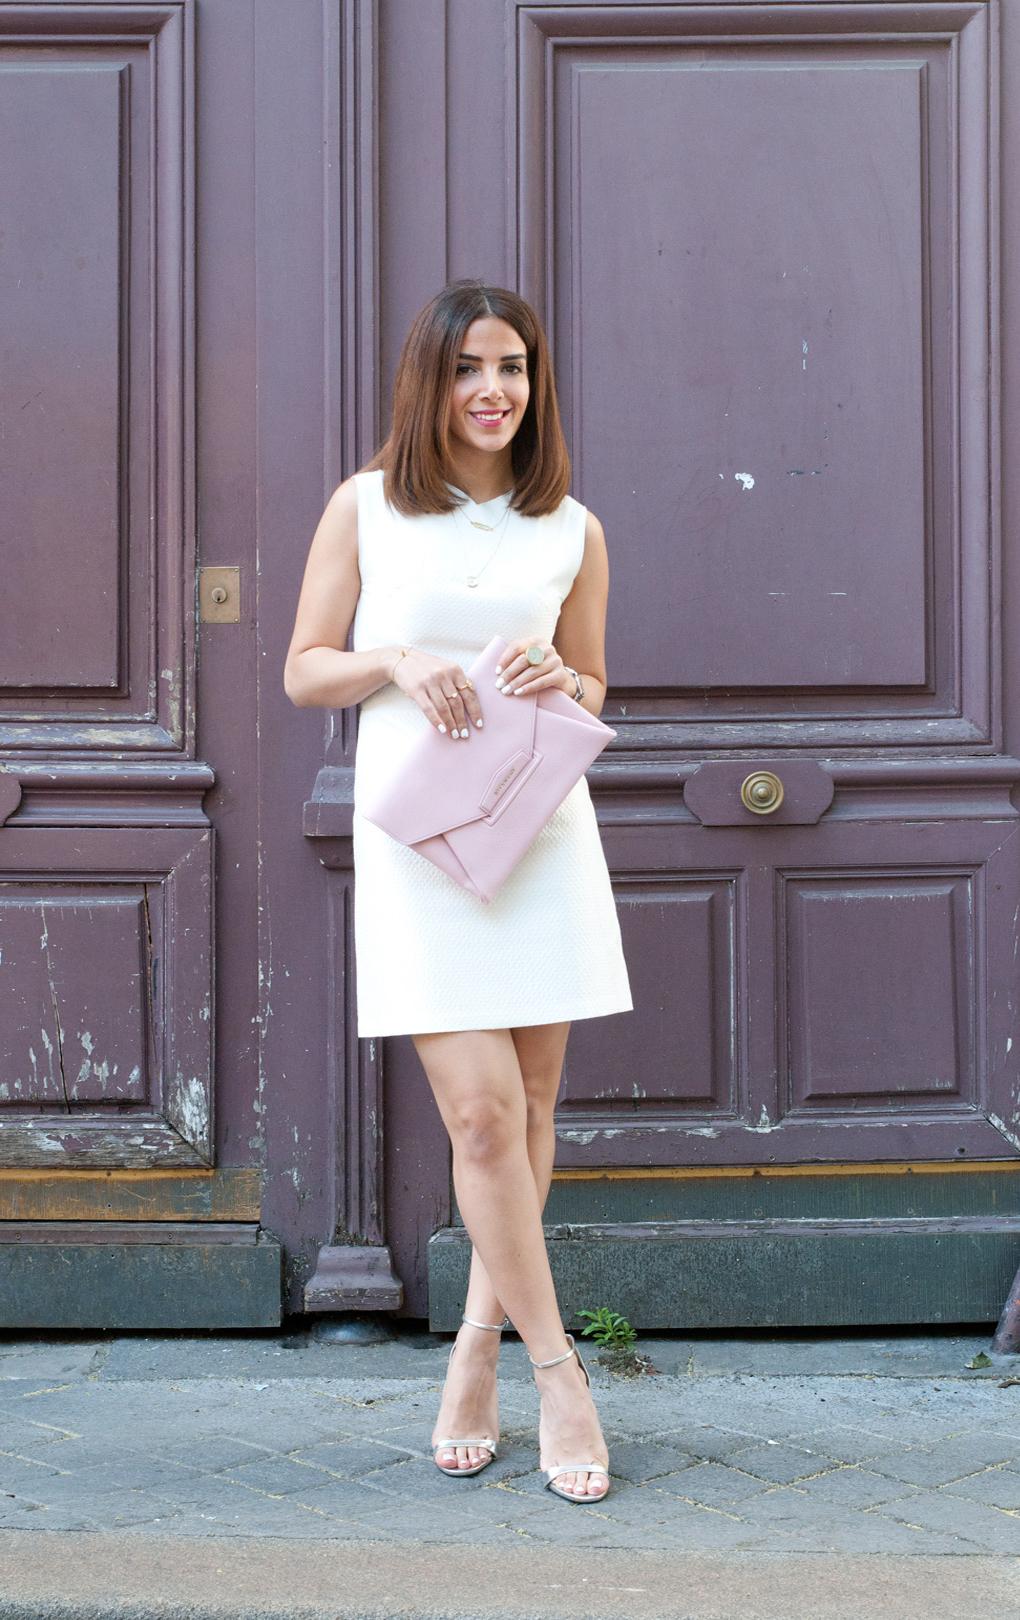 Lyla_Loves_Fashion_phillip_lim_givenchy_clutch_paris_5738